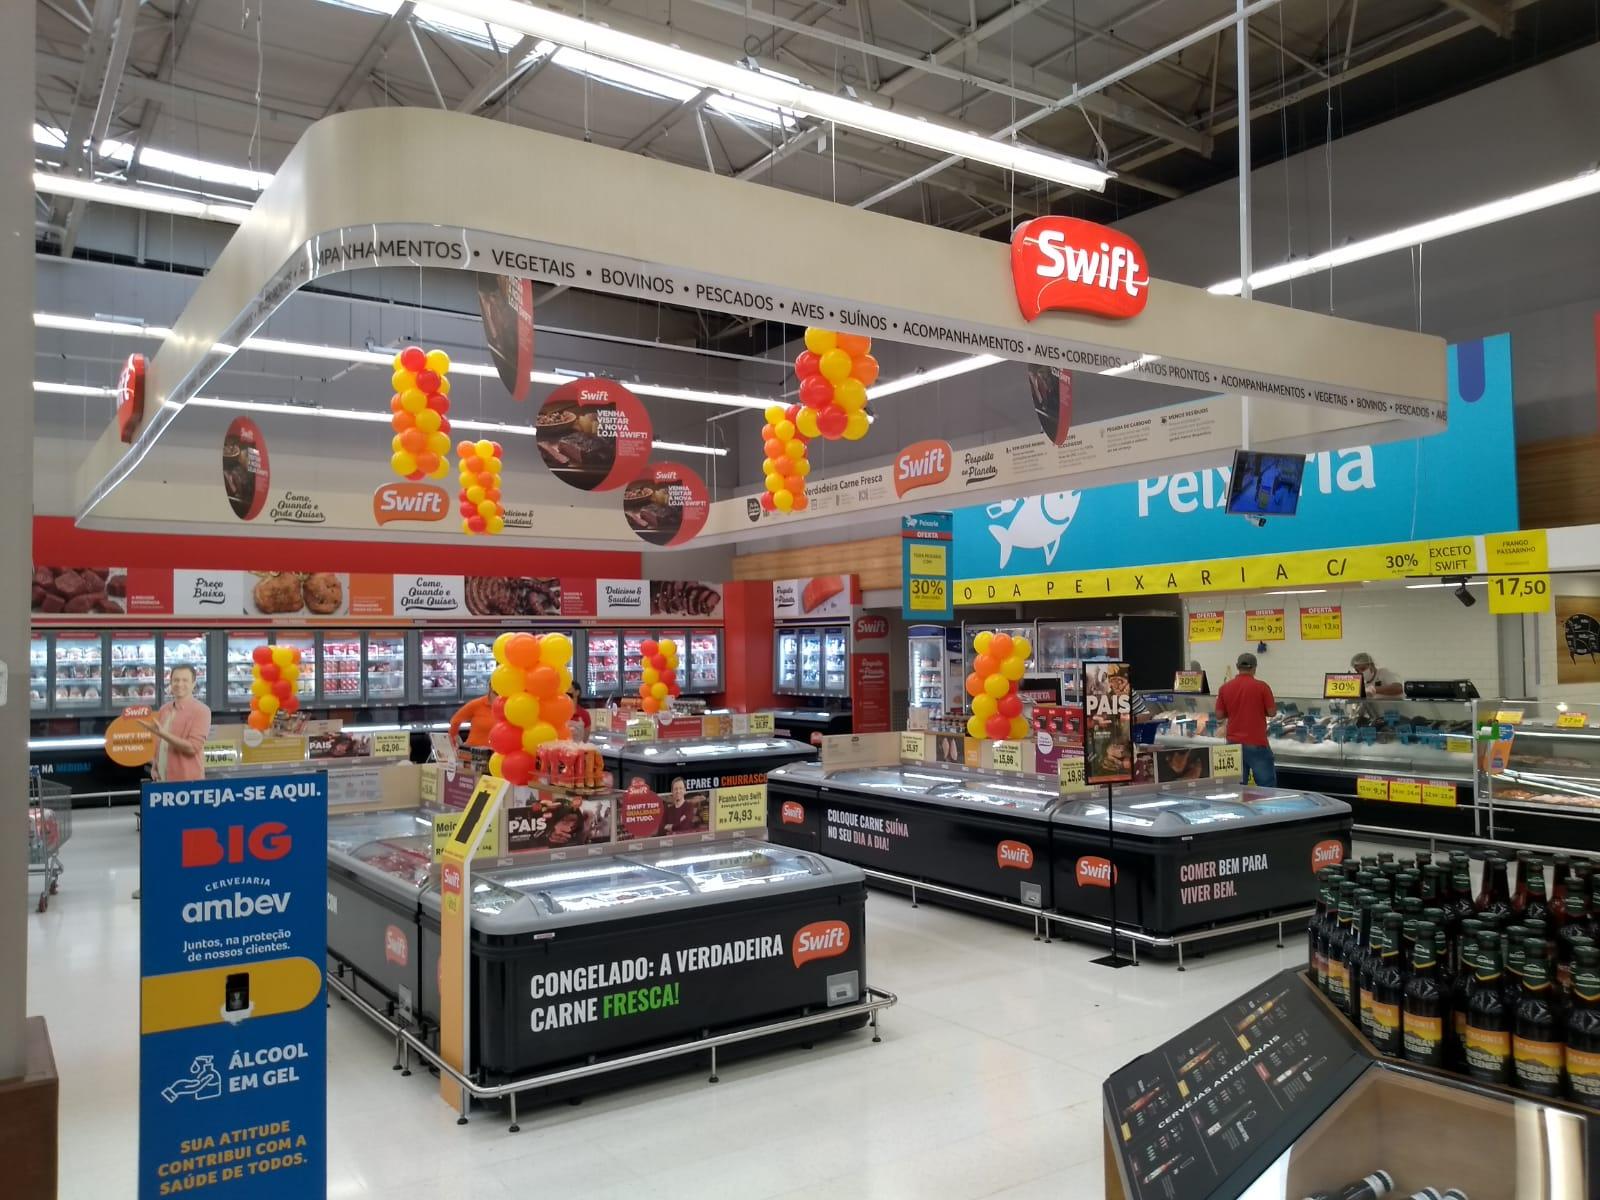 BIG inaugura espaço exclusivo da Swift em suas lojas